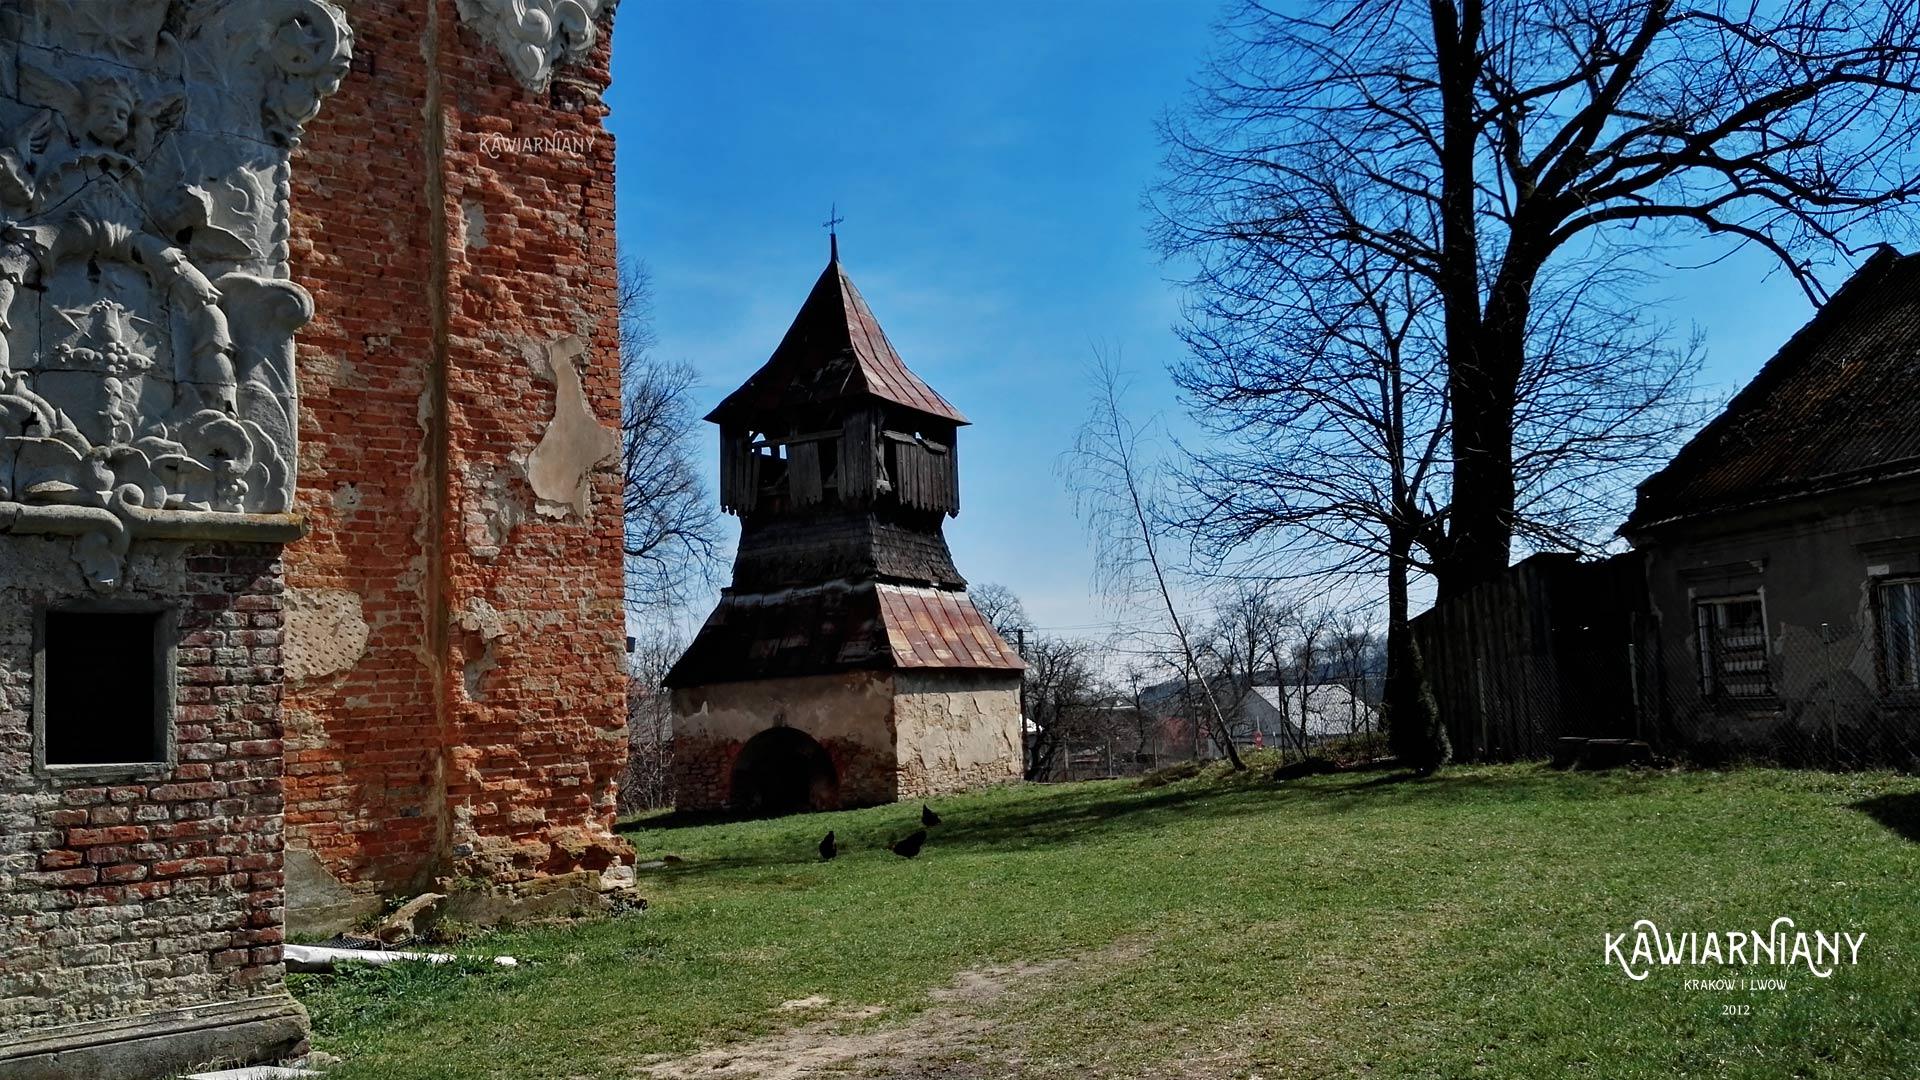 Kościół Stara Sól pw. św. Michała Archanioła, Stara Sól. Ruina 25 kilometrów granicy